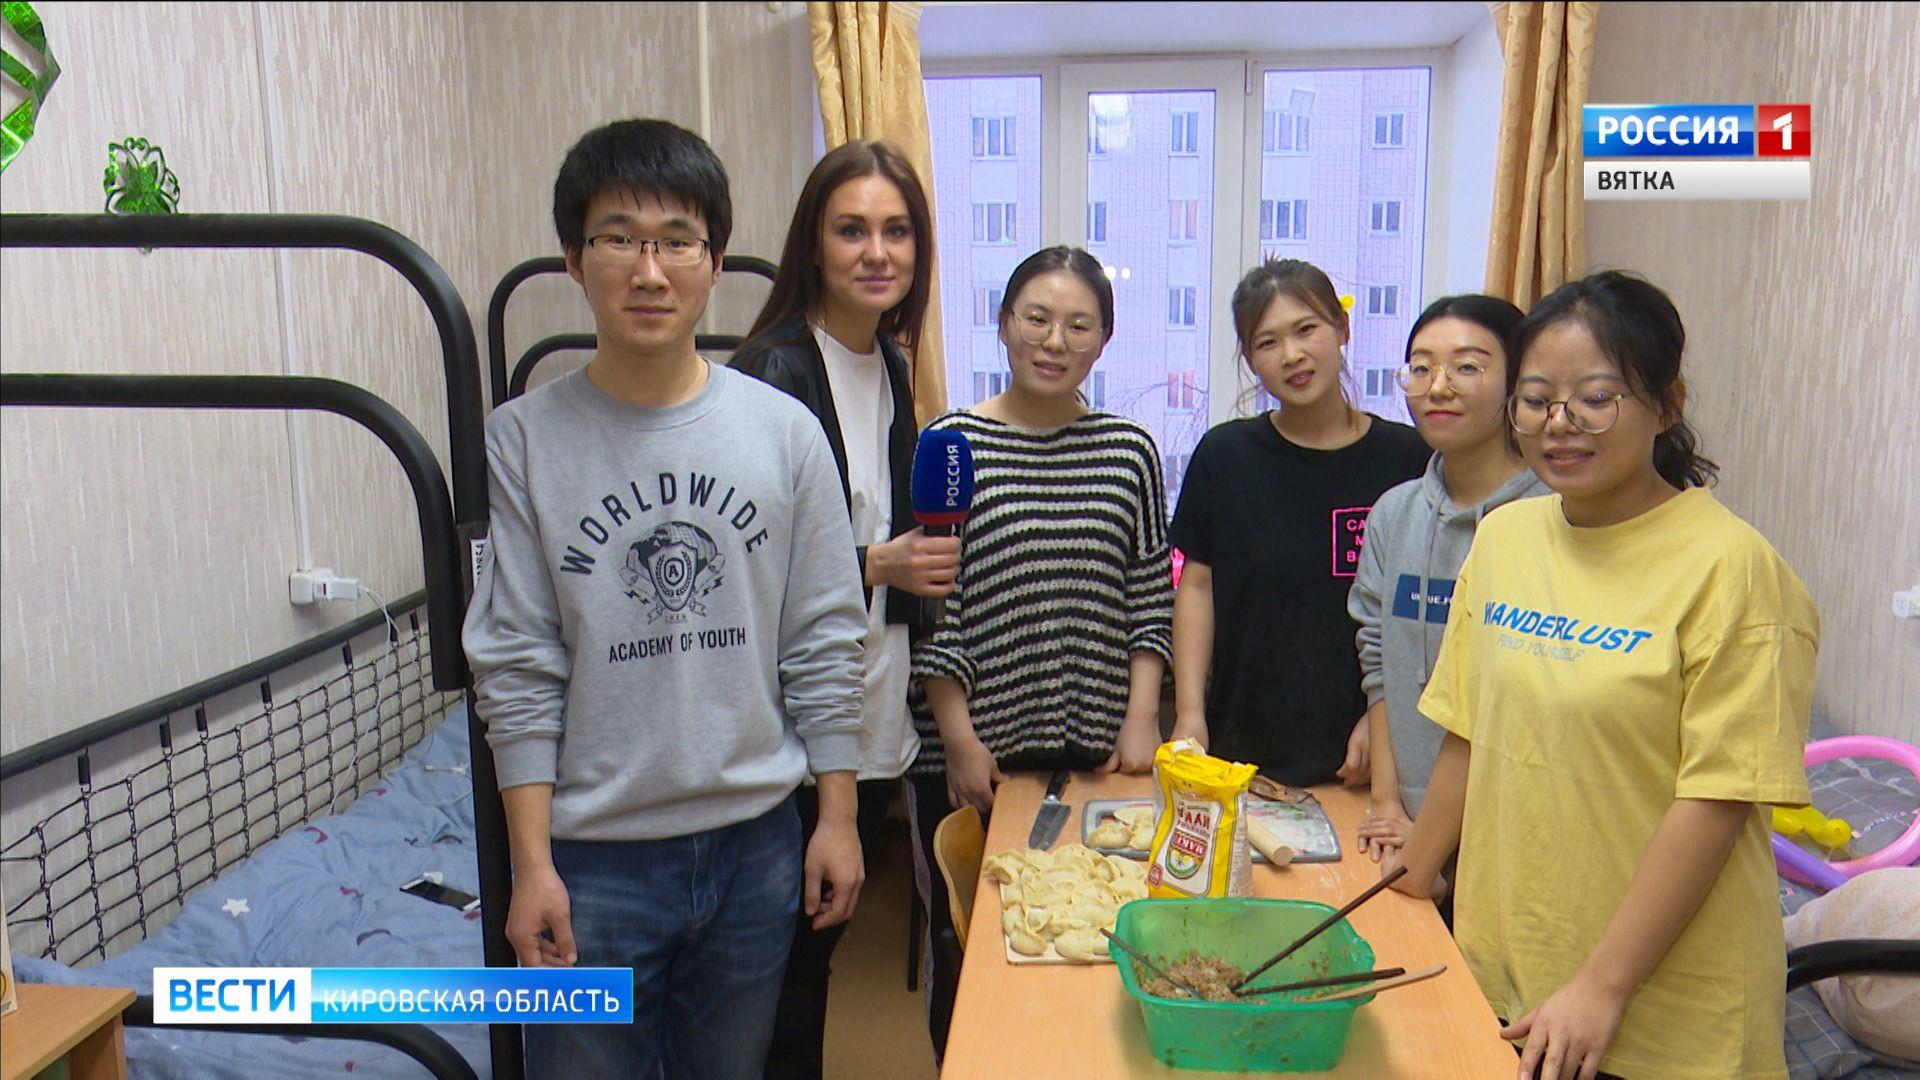 Китайские студенты, обучающиеся в Кирове, встретили Новый год по восточной традиции